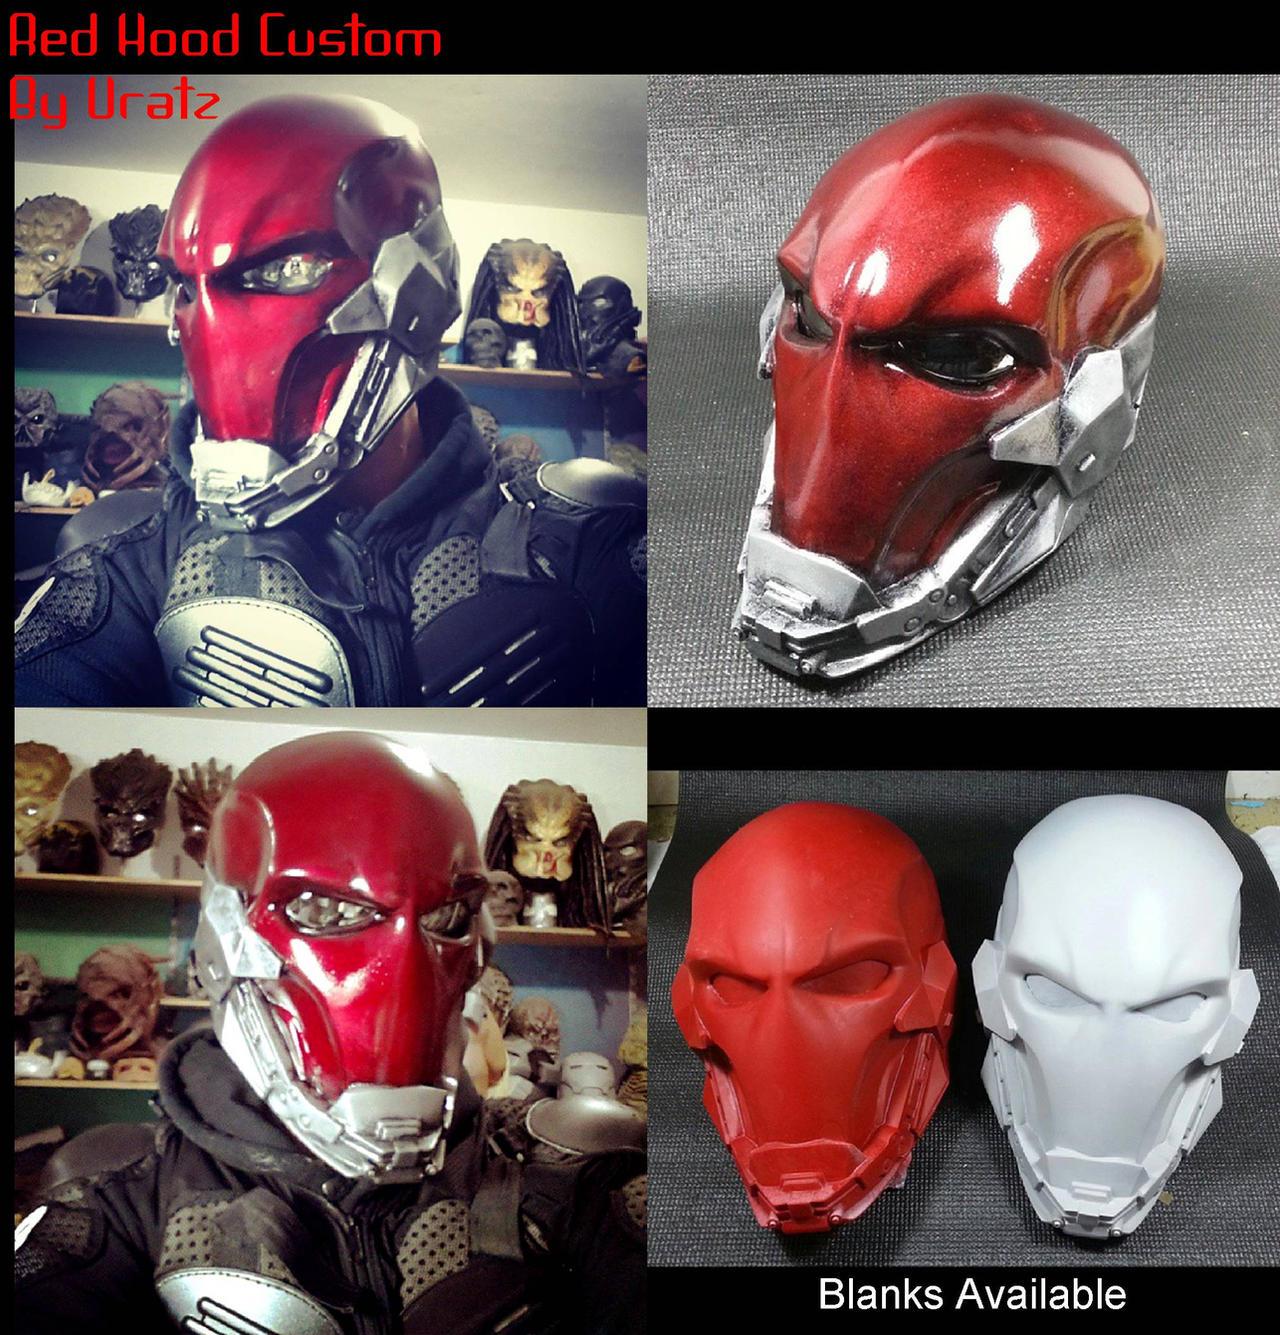 Red hood helmet custom by uratz studios on deviantart - Uratz studios ...